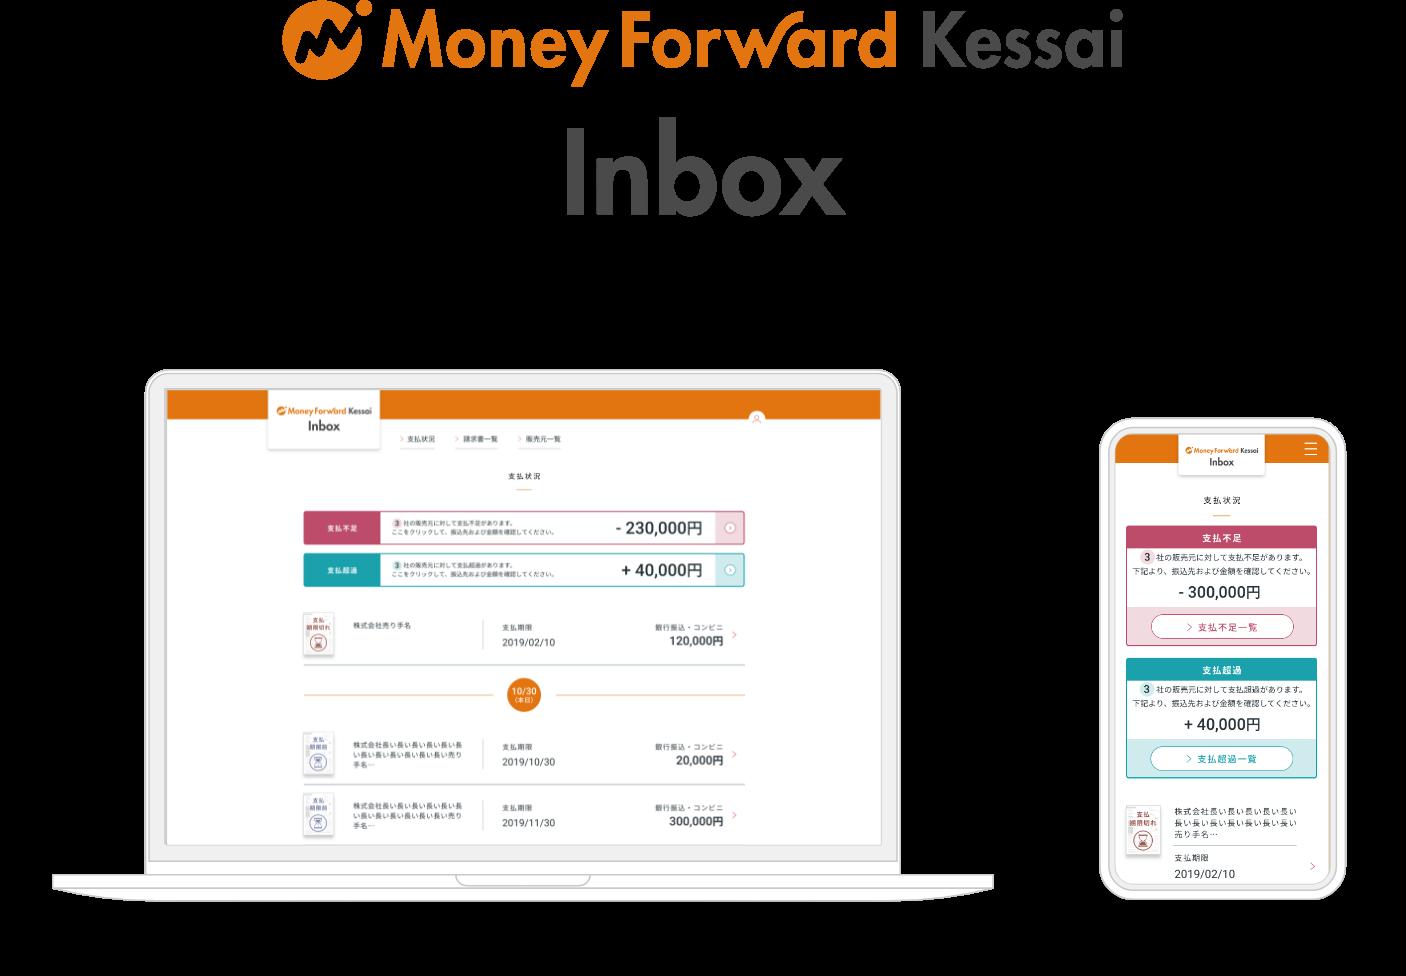 Money Forward Kessai Inbox